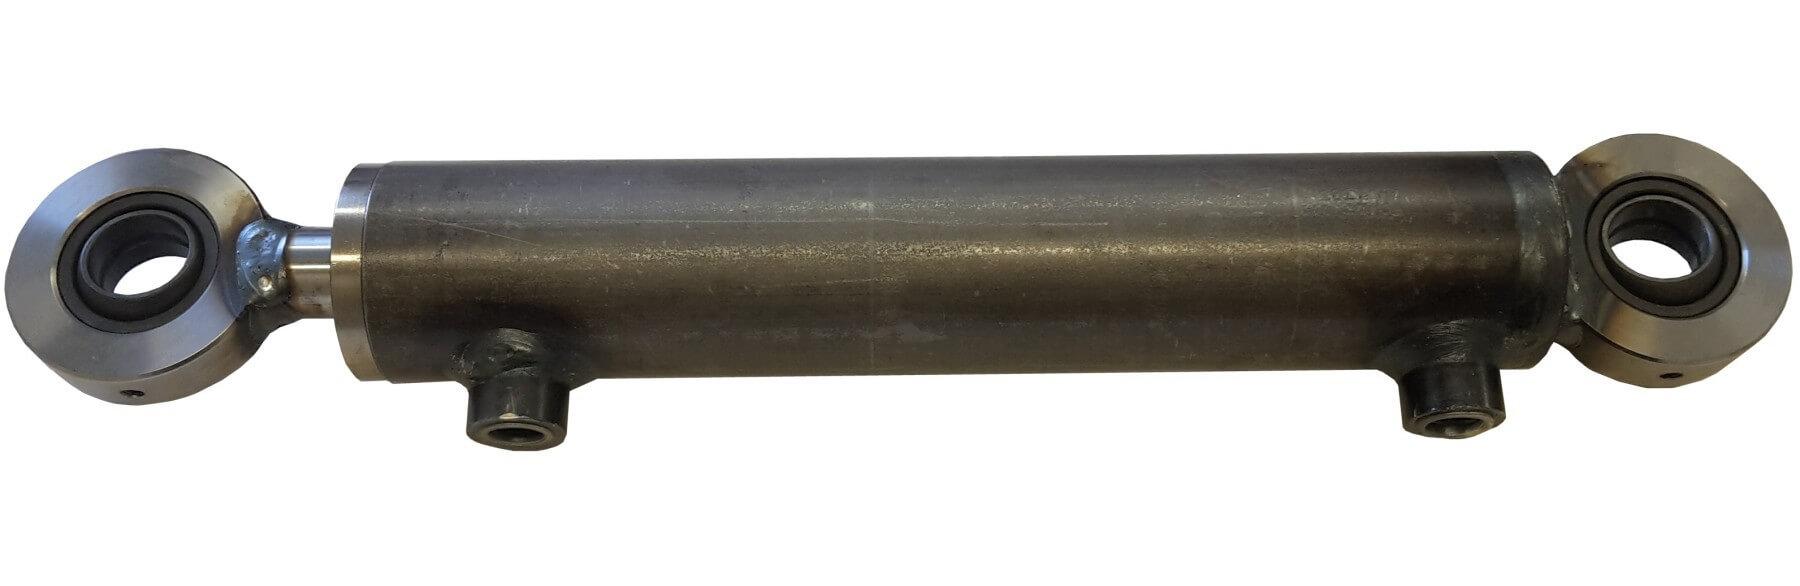 Hydraulisylinteri CL 70. 40. 1000 GE - Kailatec Oy Verkkokauppa